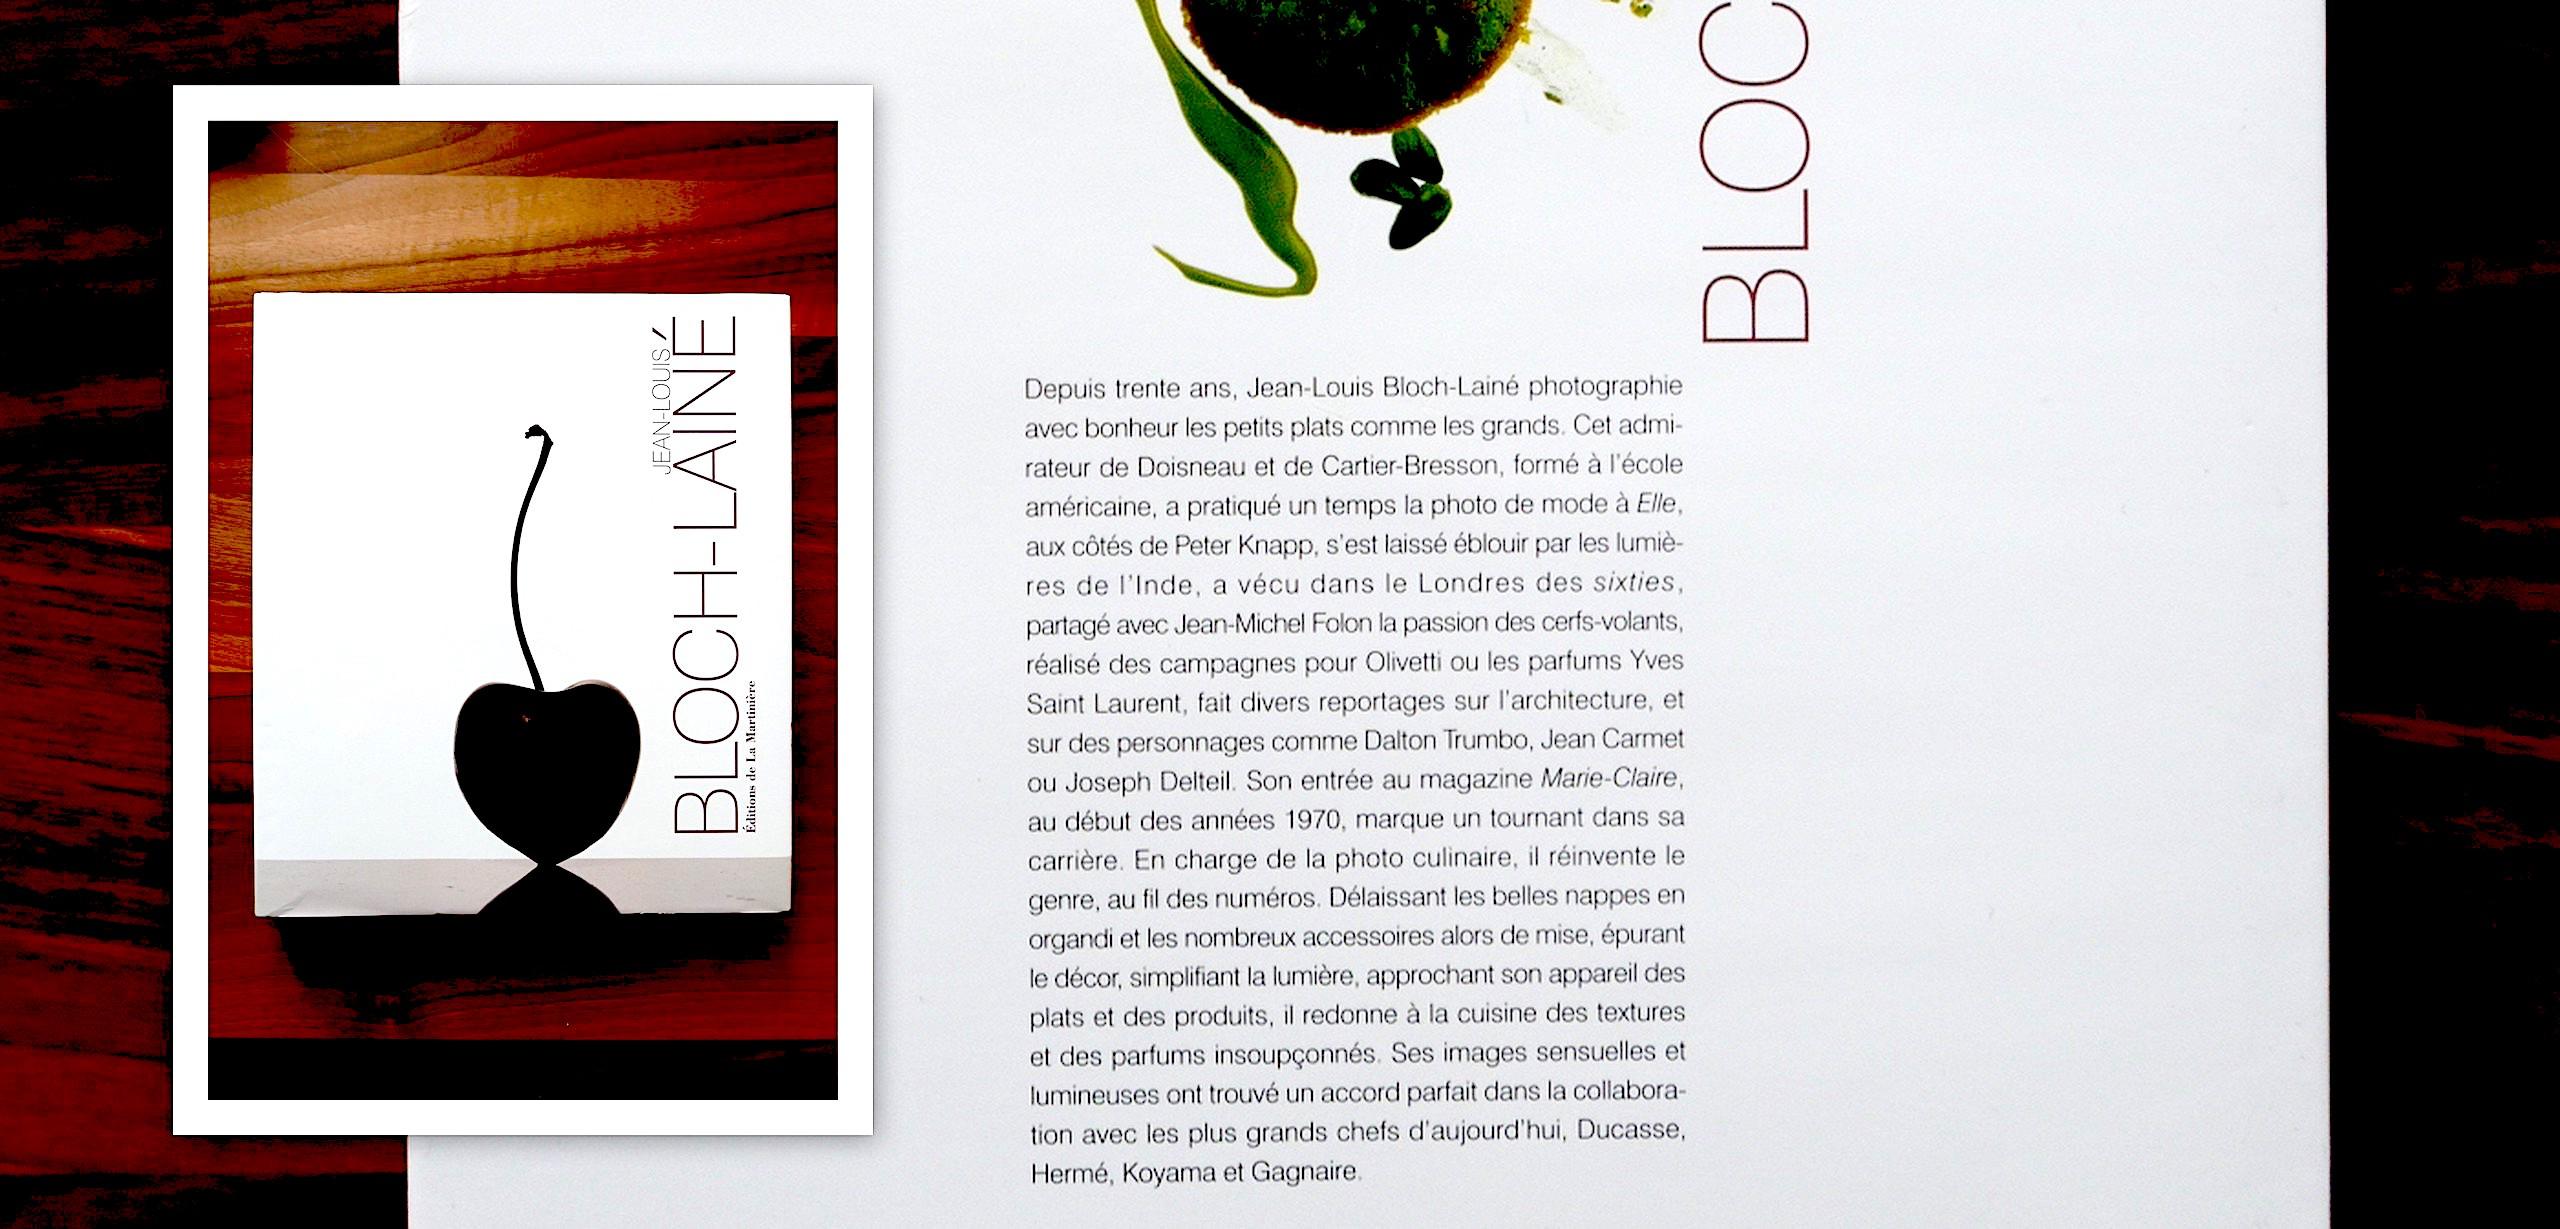 4e de couverture de l'album de JL Bloch-Lainé